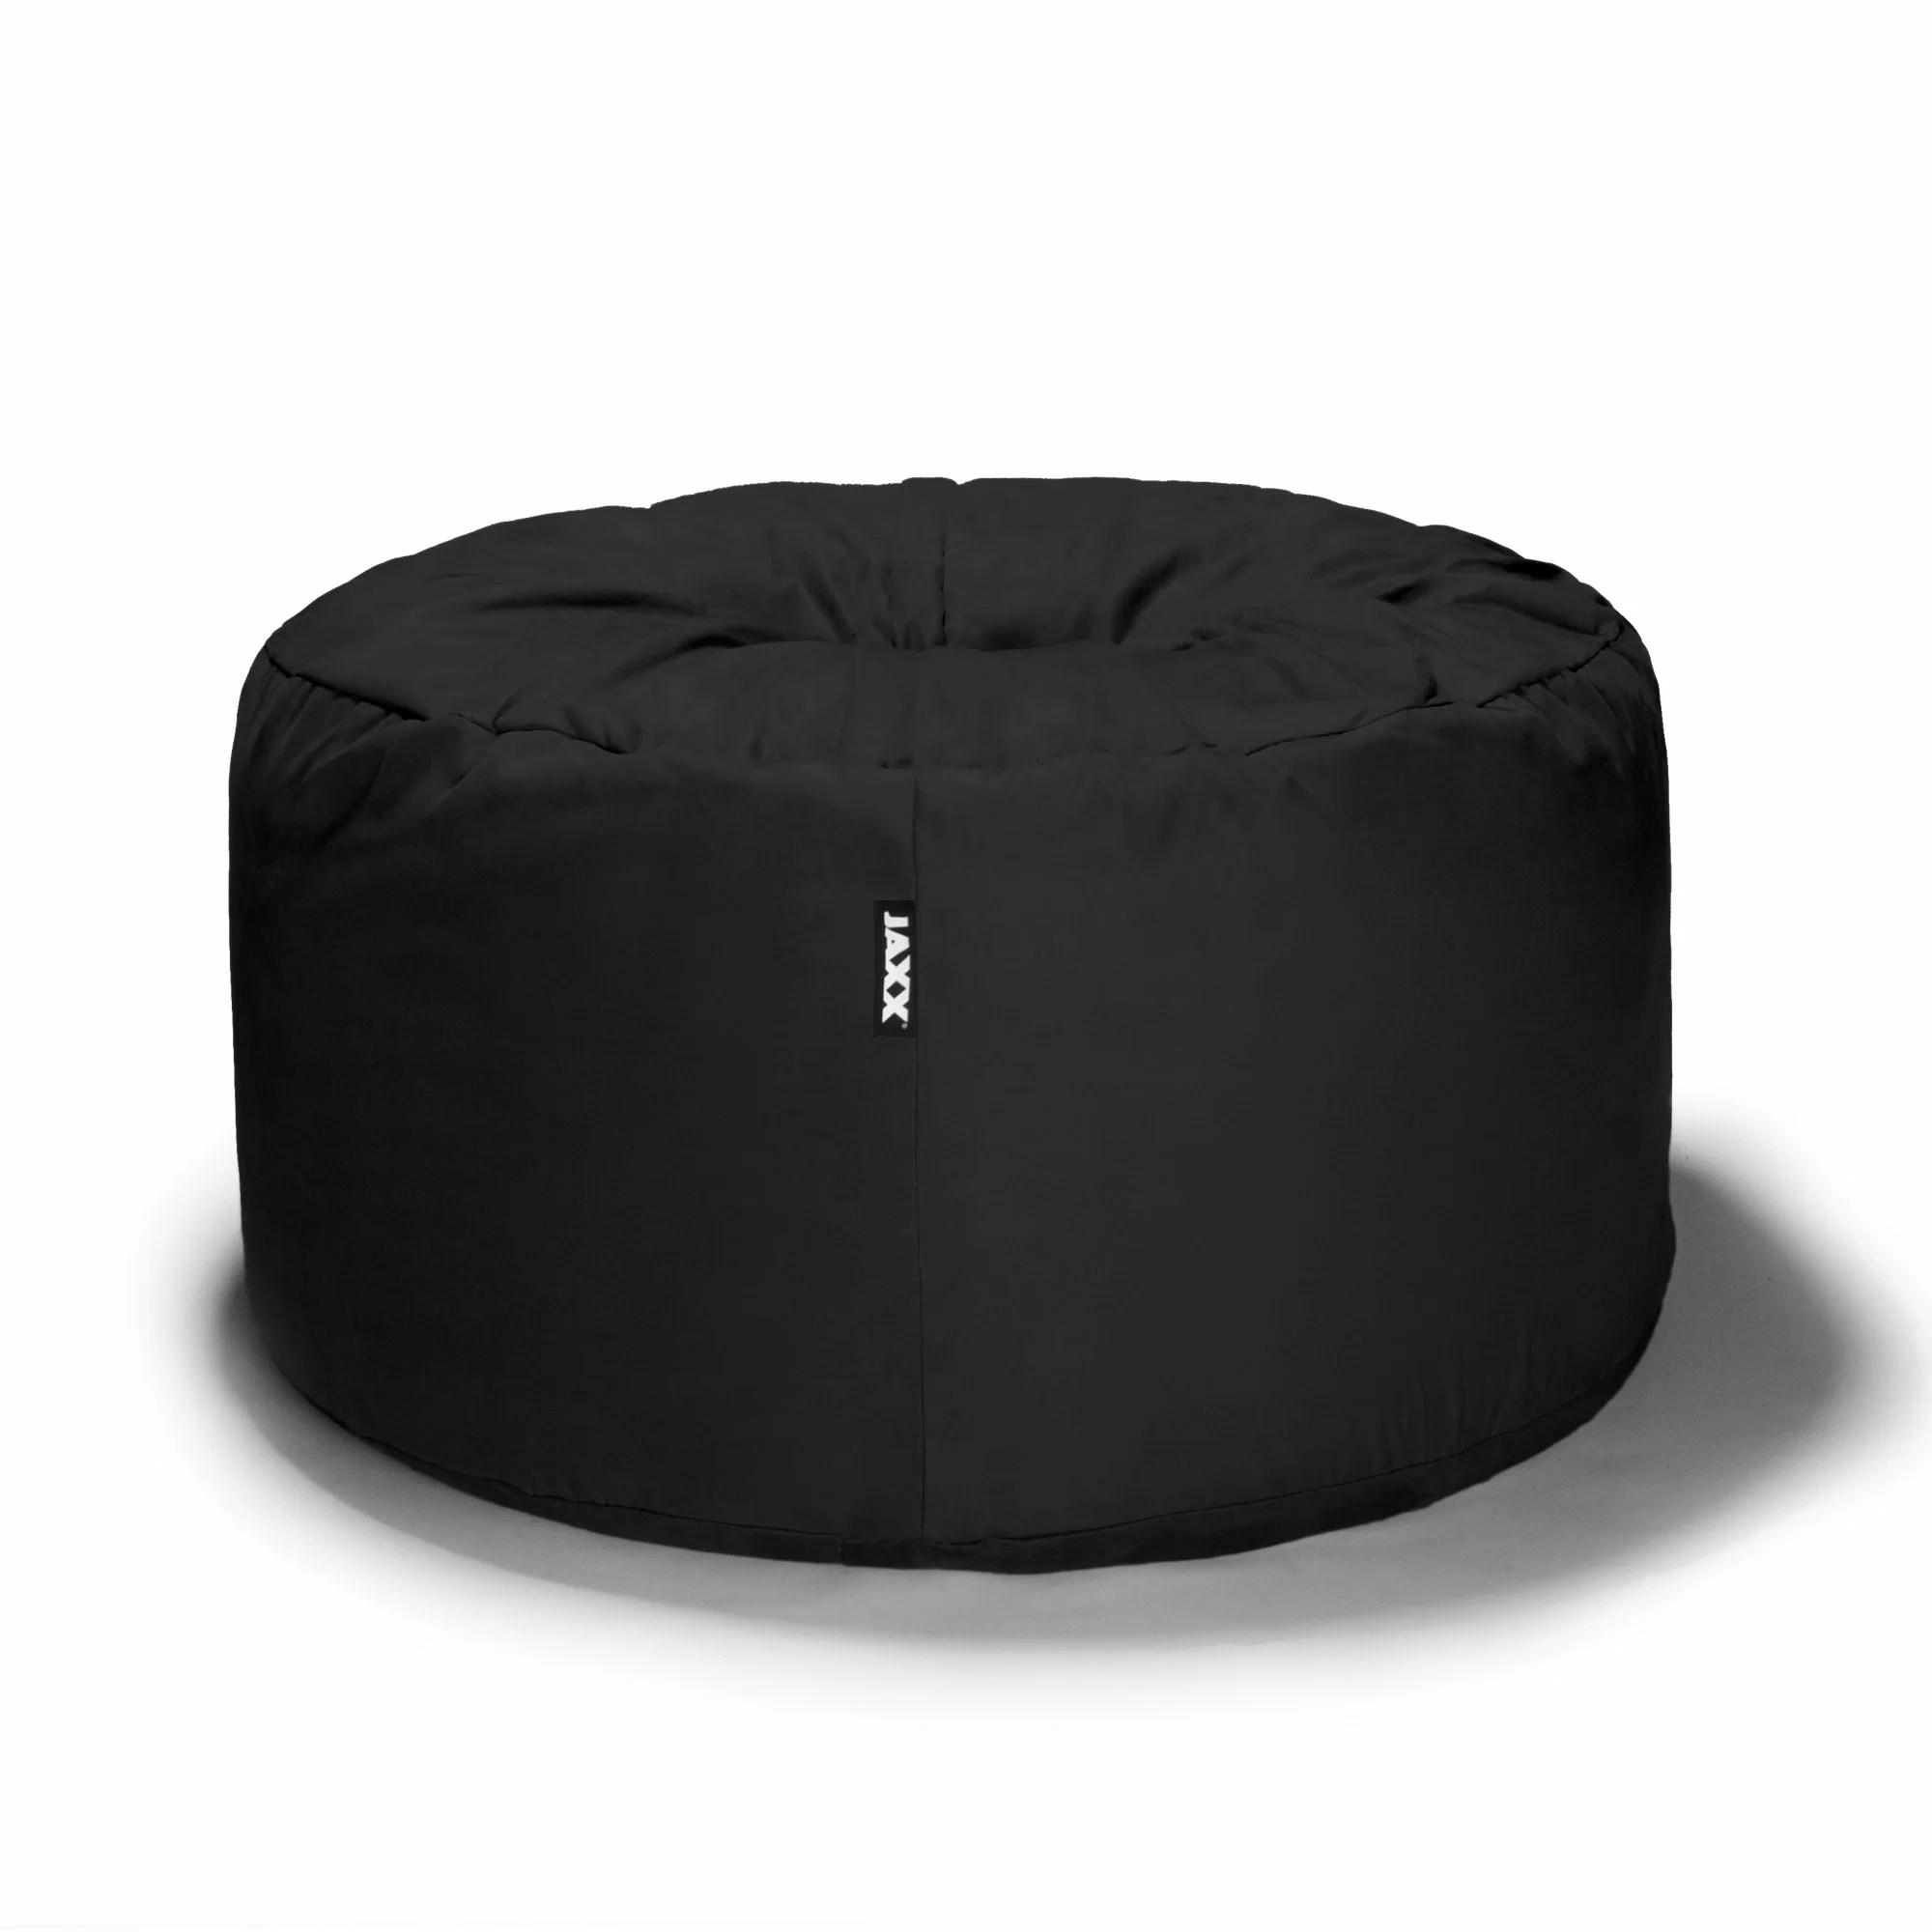 bean bag gaming chair walmart kitchen cushions jaxx large and reviews wayfair